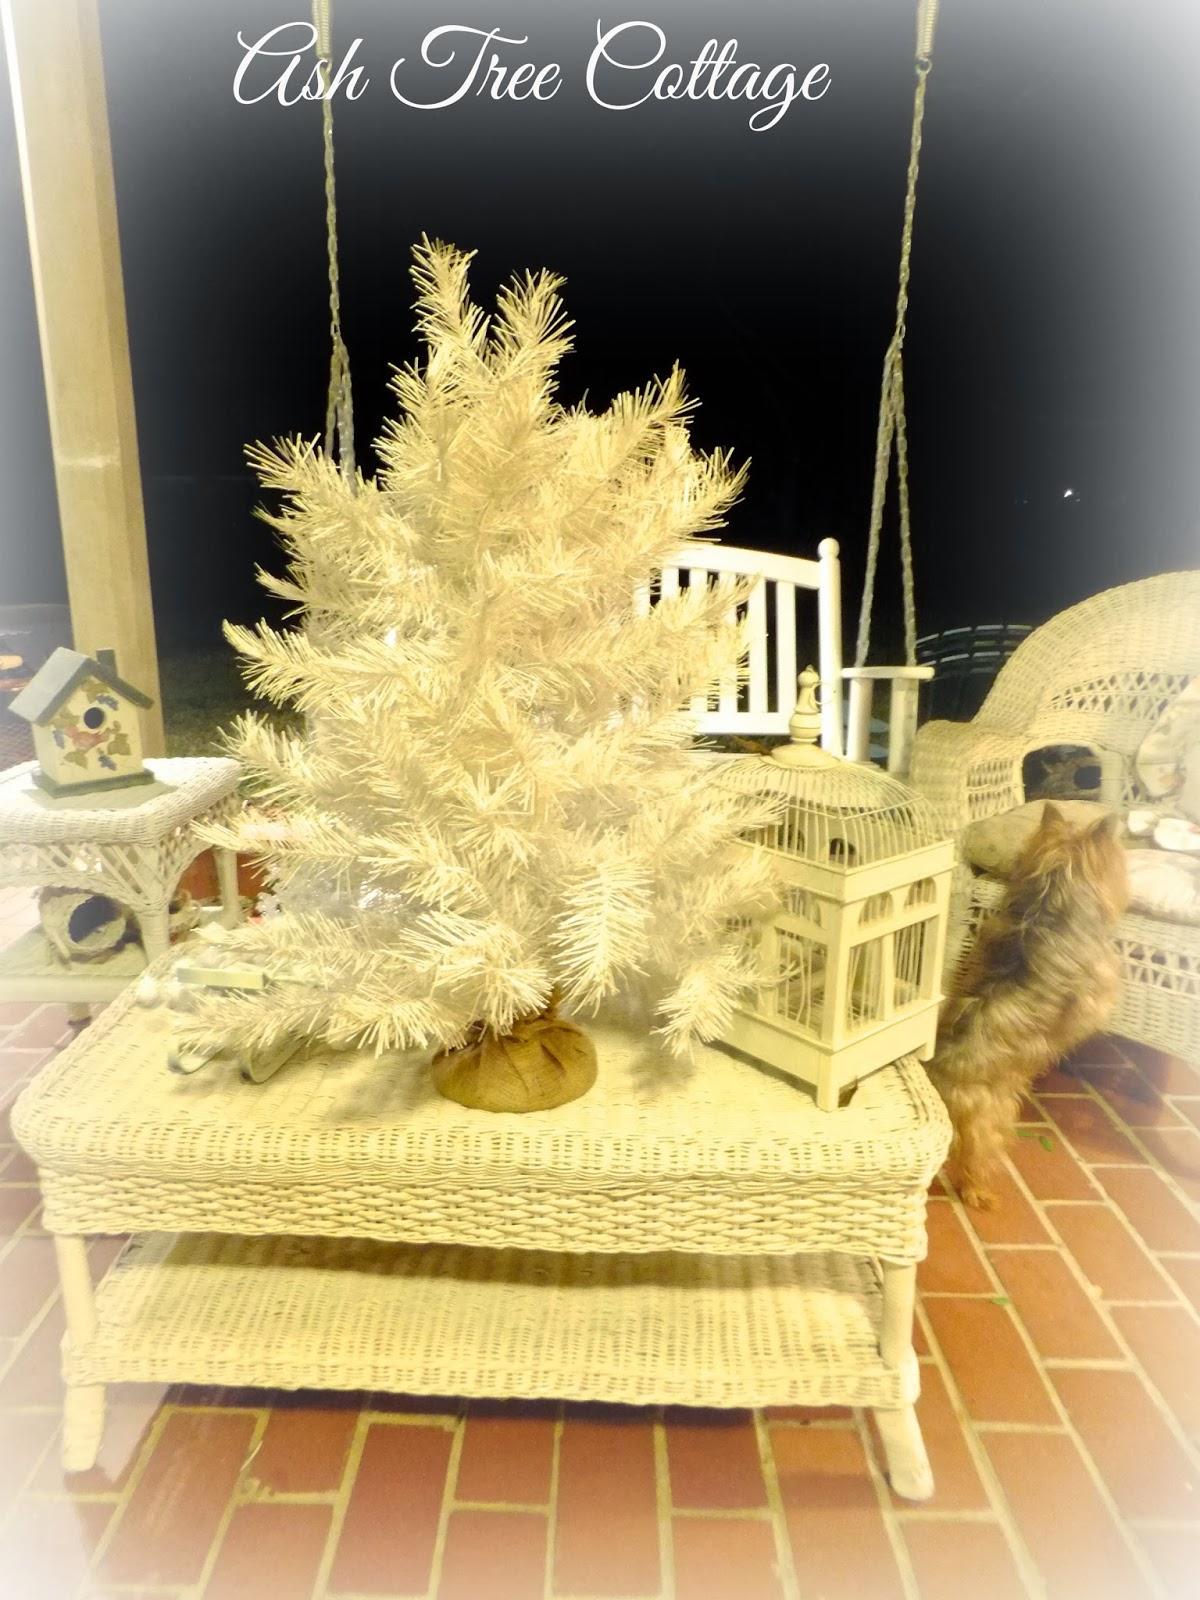 Ash Tree Cottage: December 2013